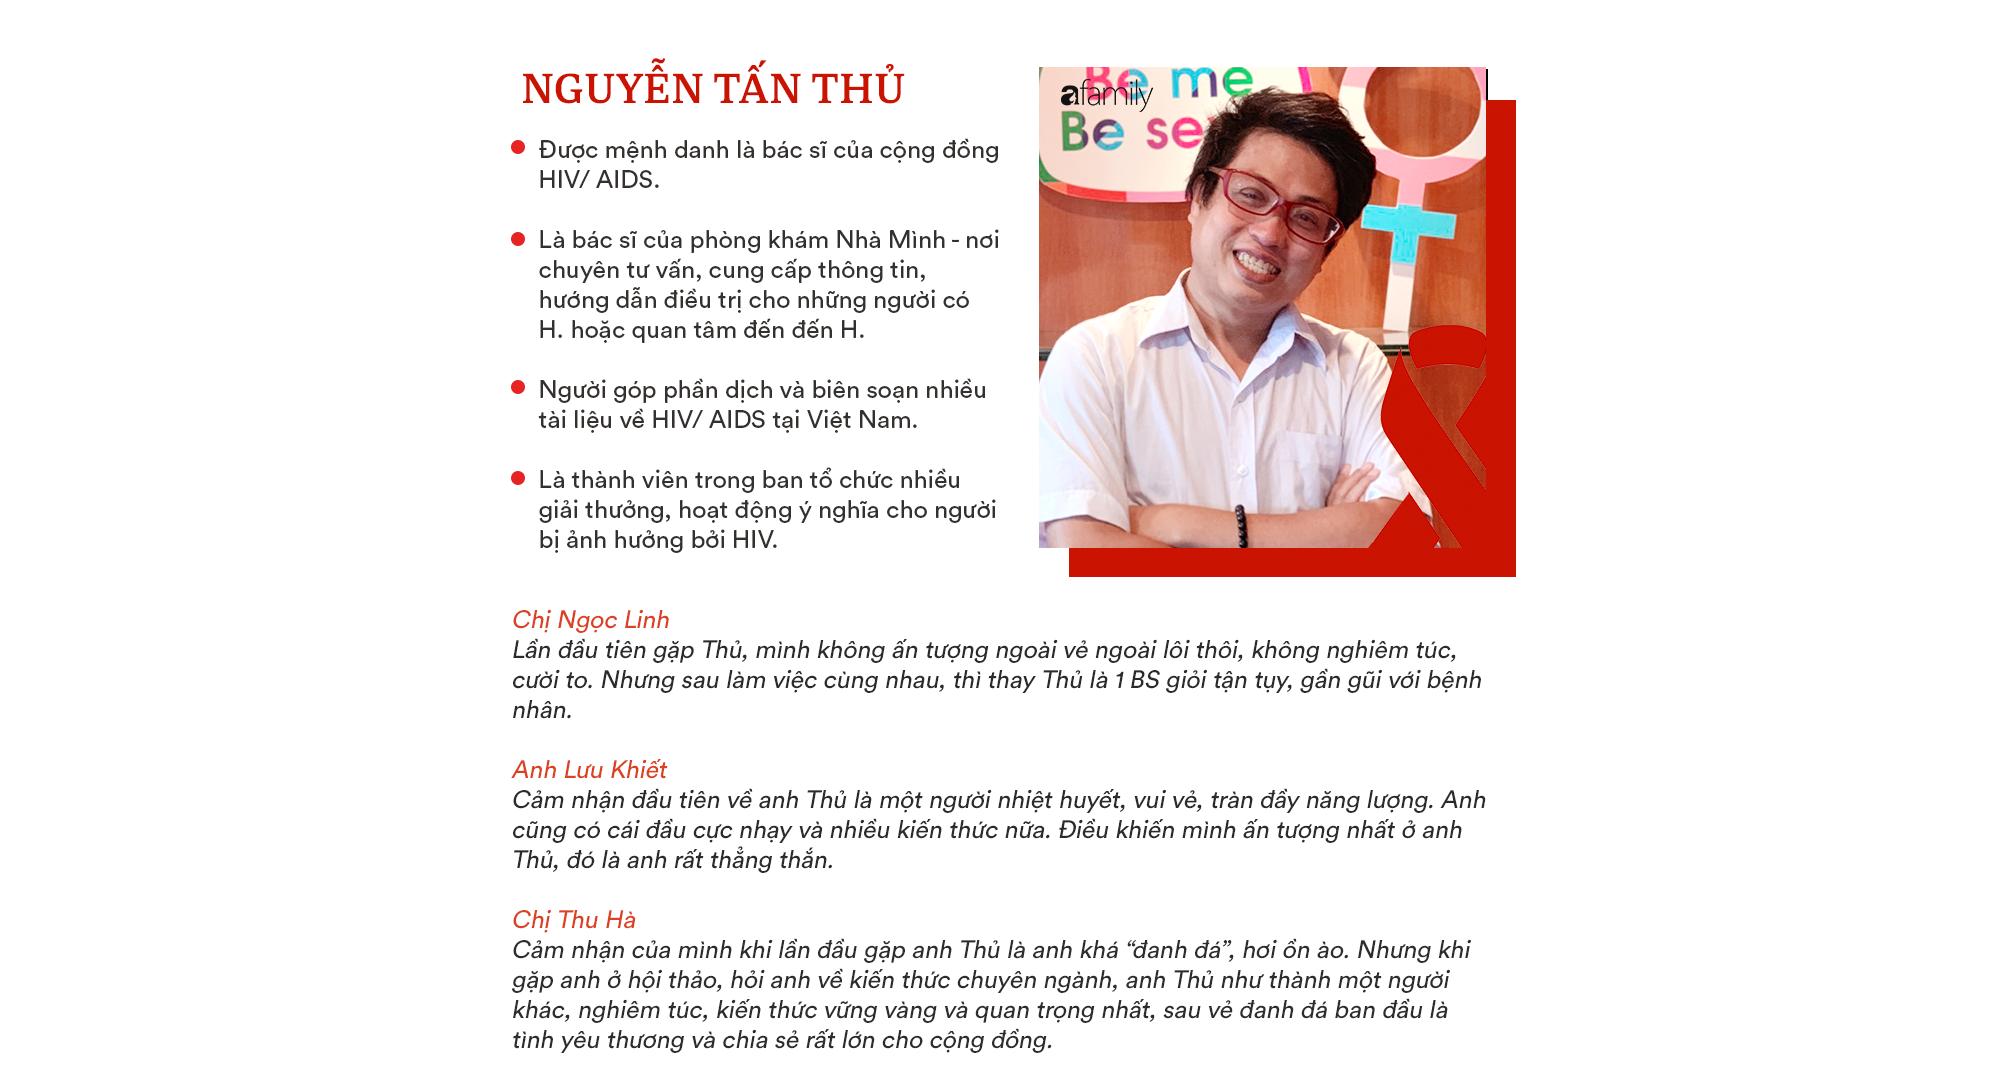 Hai thủ lĩnh tinh thần của người có HIV Việt Nam: Tại sao khi bị ung thư, người ta có thể tự tin la lên với cả thế giới và được yêu thương vô ngần, HIV thì không? - Ảnh 3.